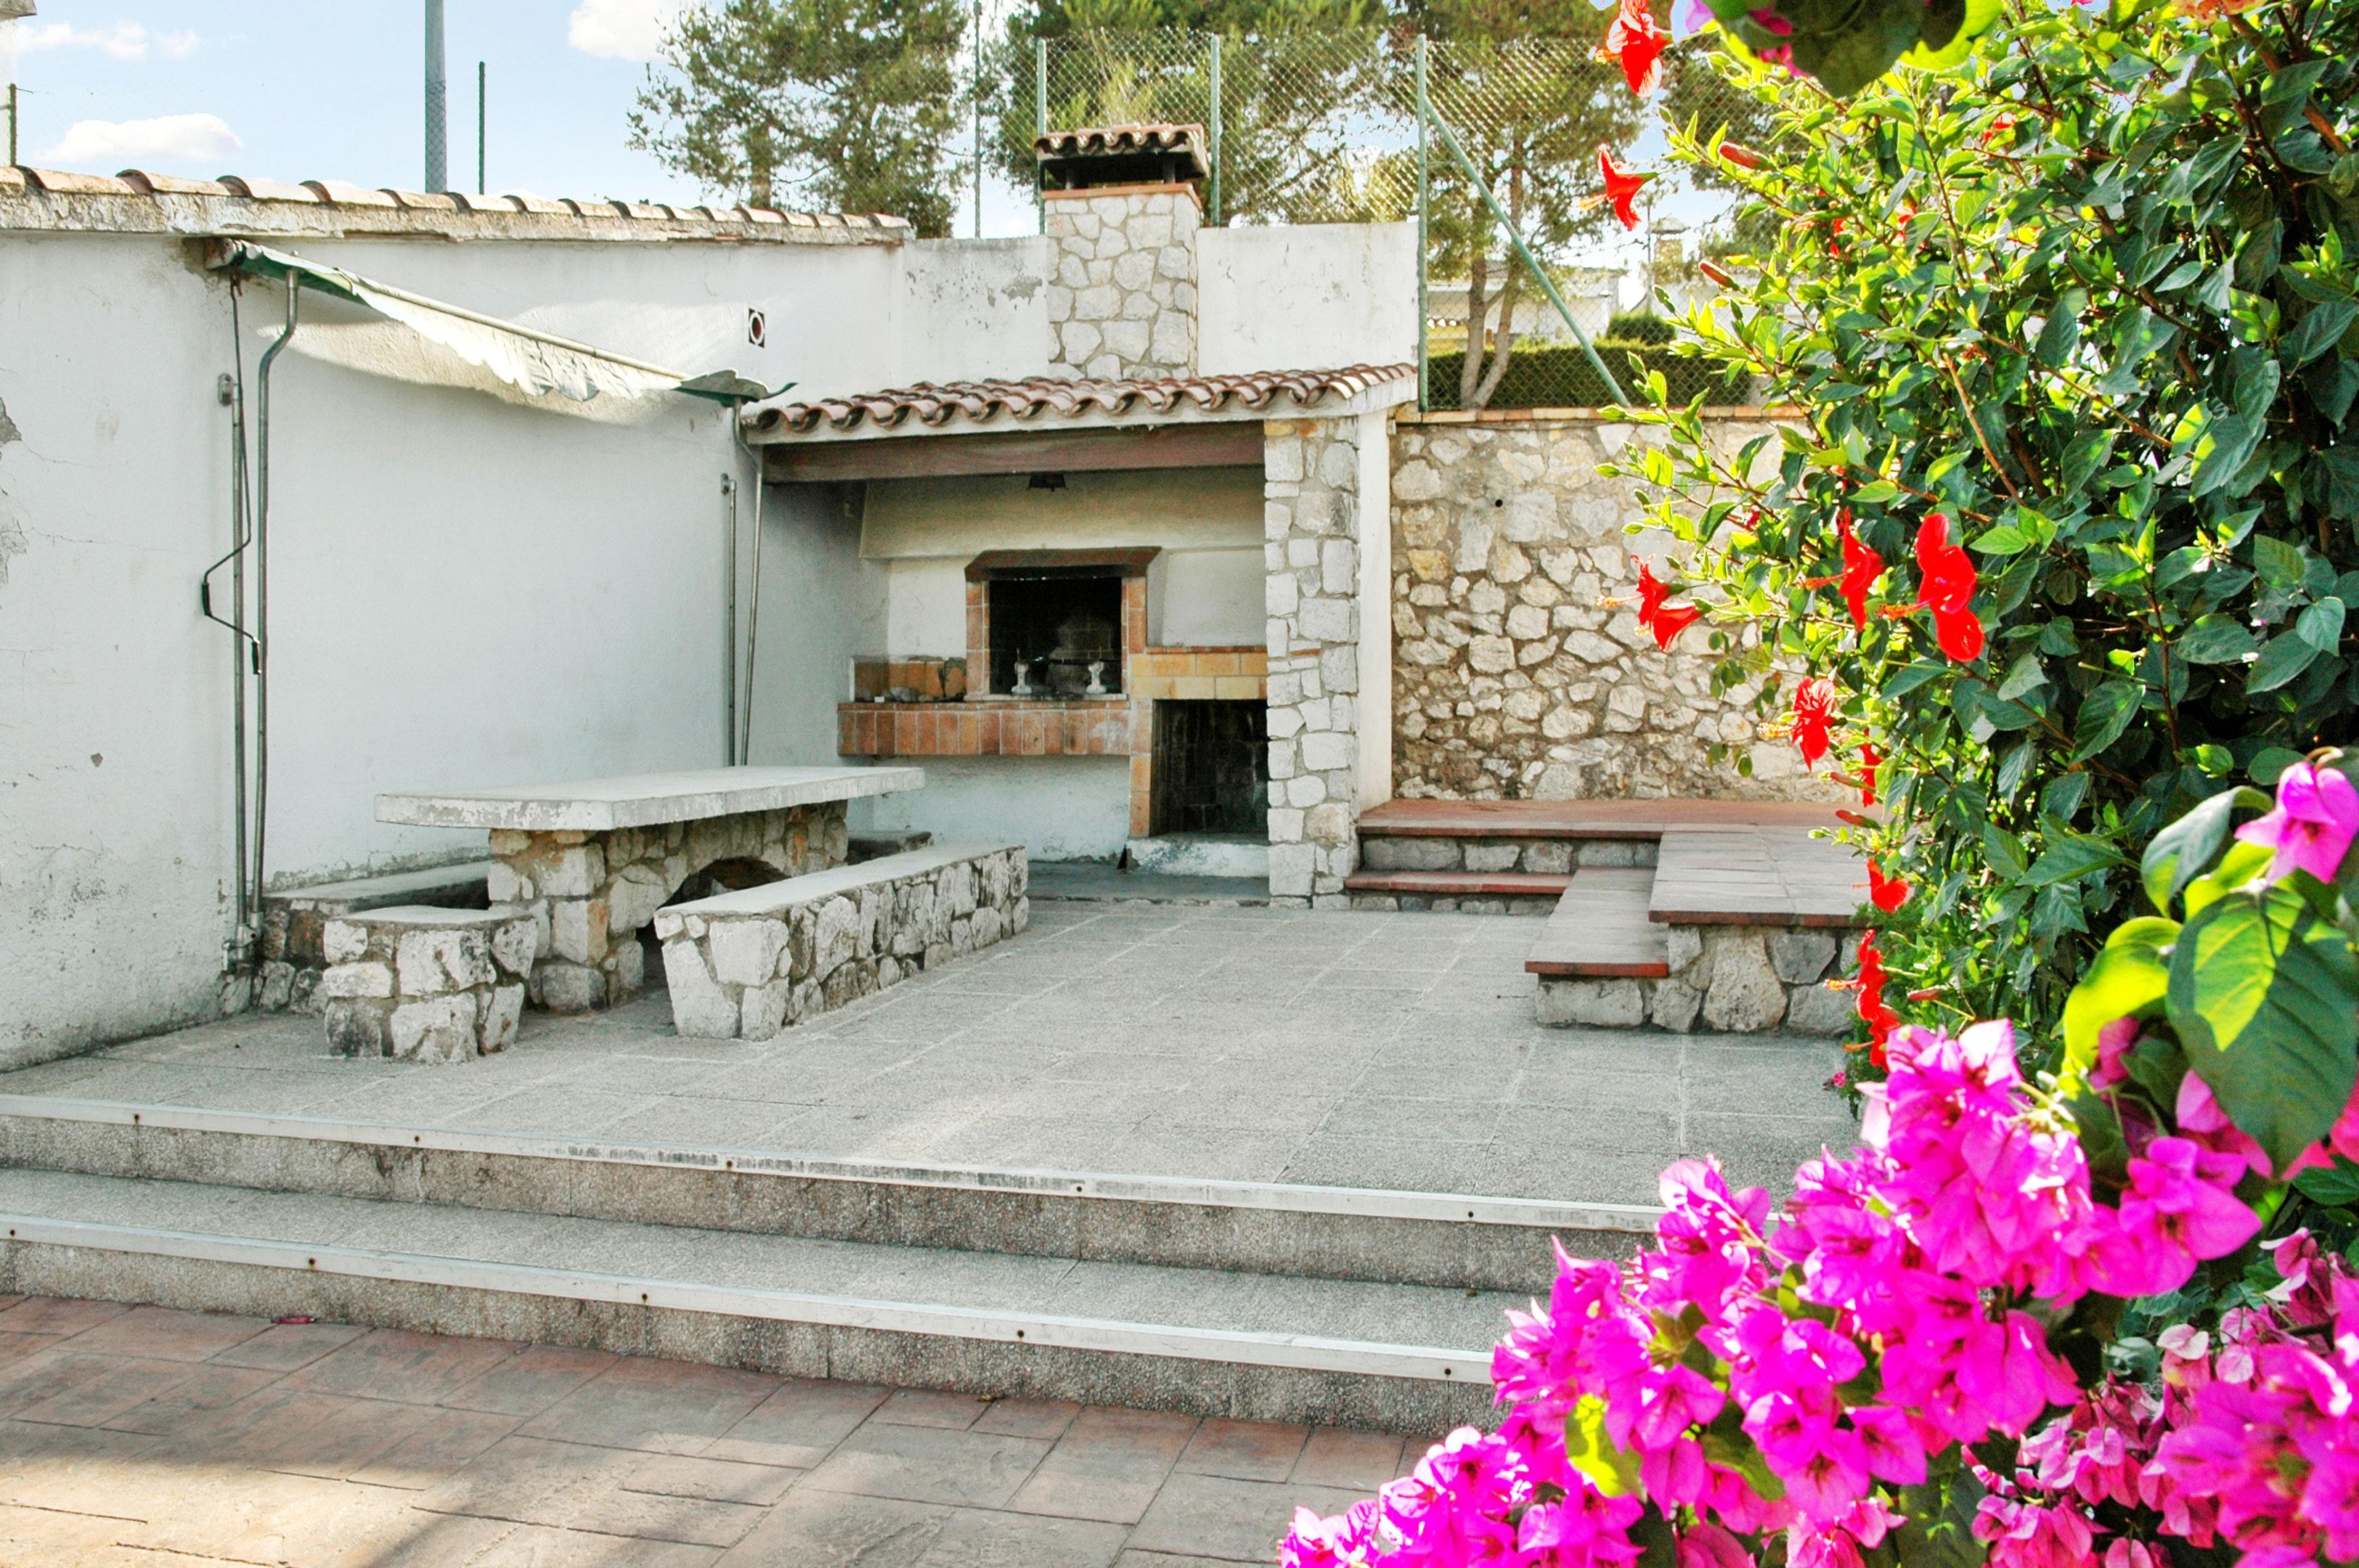 Ferienhaus Villa mit 6 Schlafzimmern in Canyelles mit toller Aussicht auf die Berge, privatem Pool, e (2339365), Canyelles, Costa del Garraf, Katalonien, Spanien, Bild 23